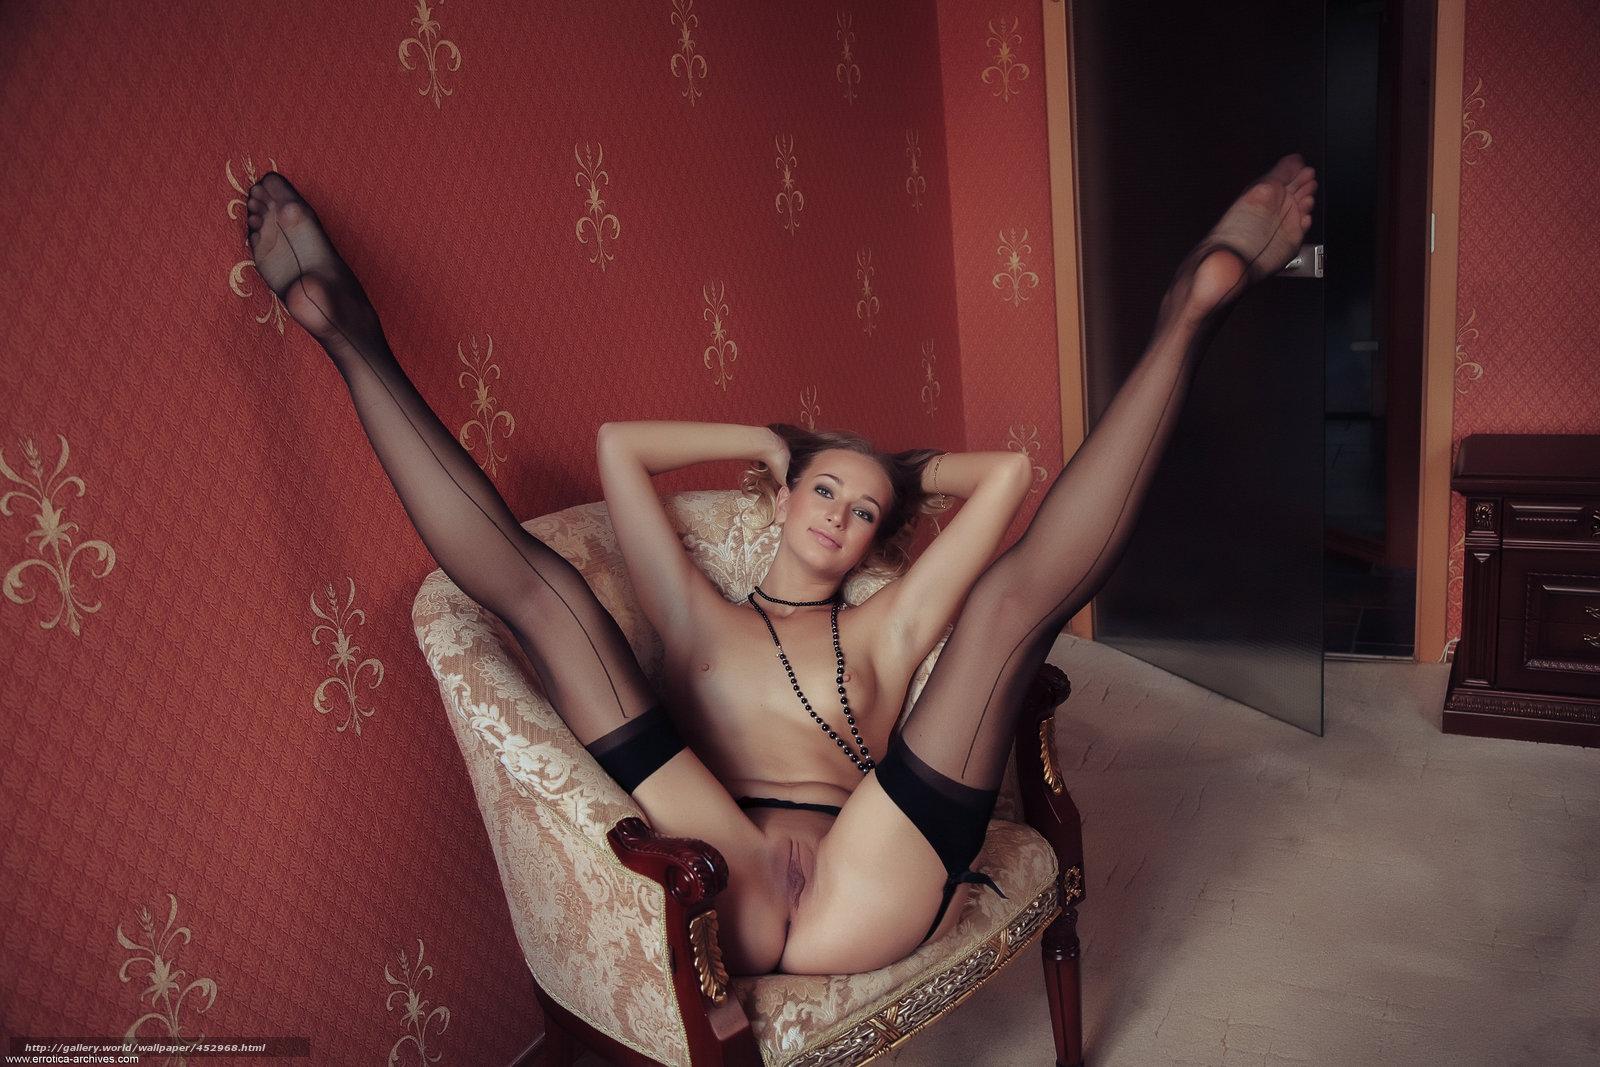 Эротика 18 порно в чулках 4 фотография